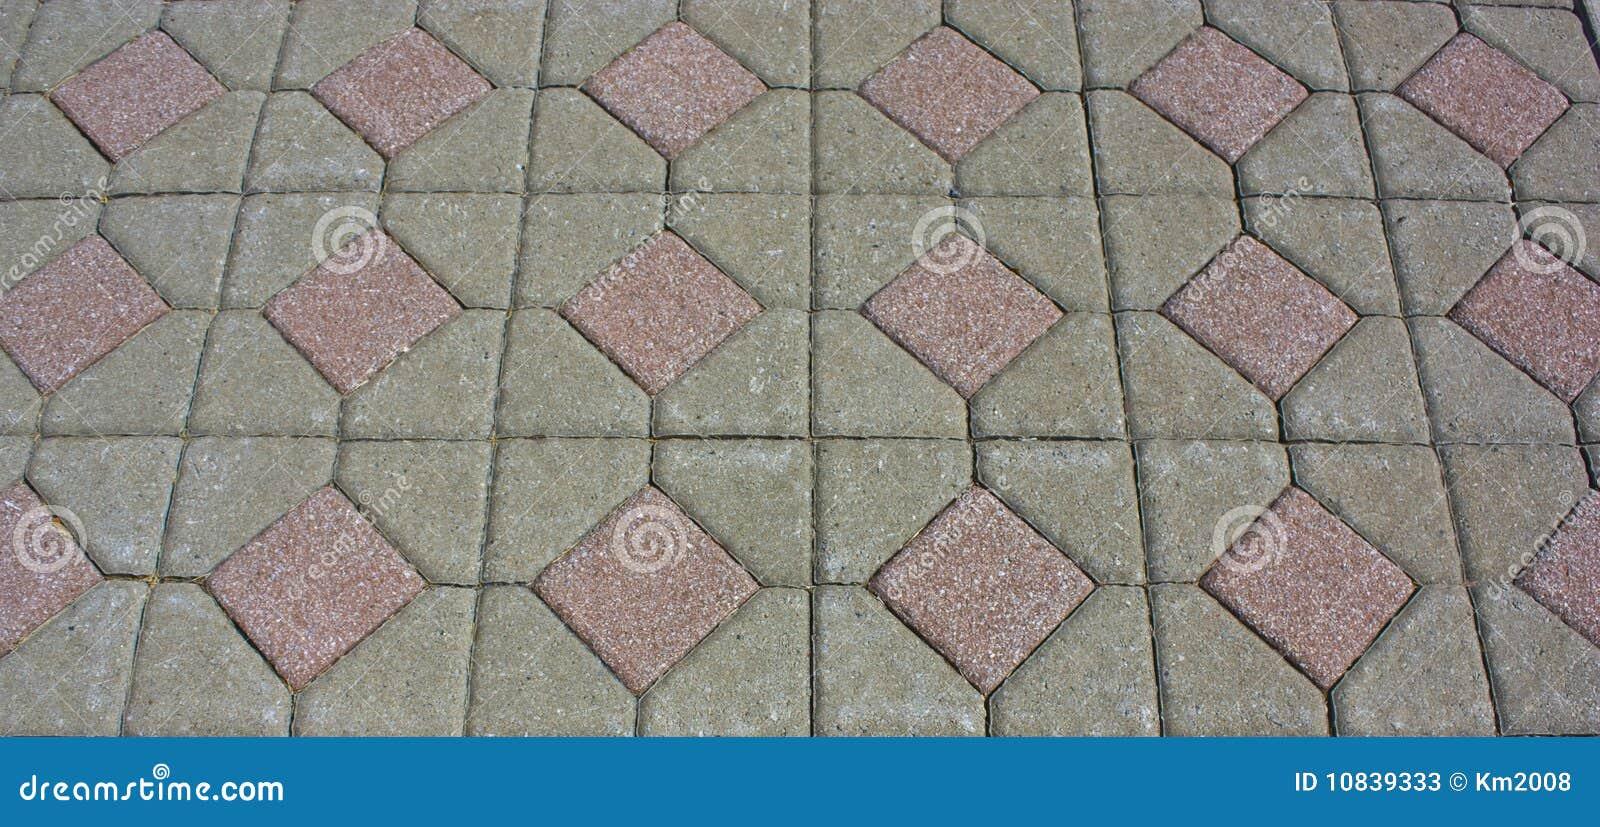 Ladrillos decorativos fotos de archivo imagen 10839333 for Ladrillos decorativos para exteriores